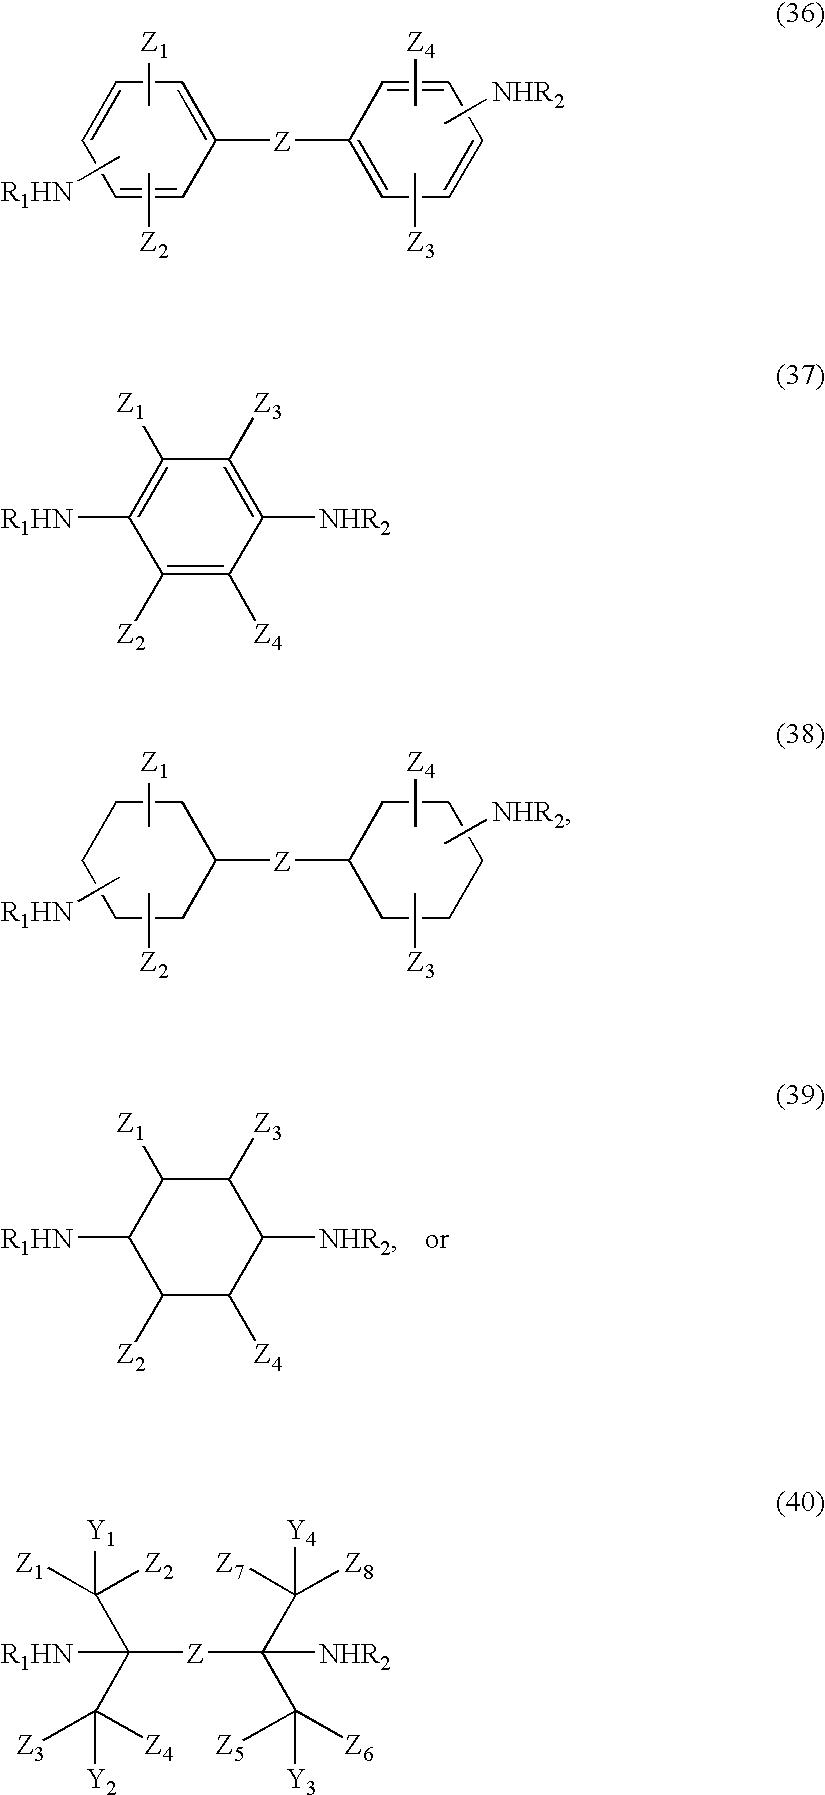 Figure US20050272529A1-20051208-C00030